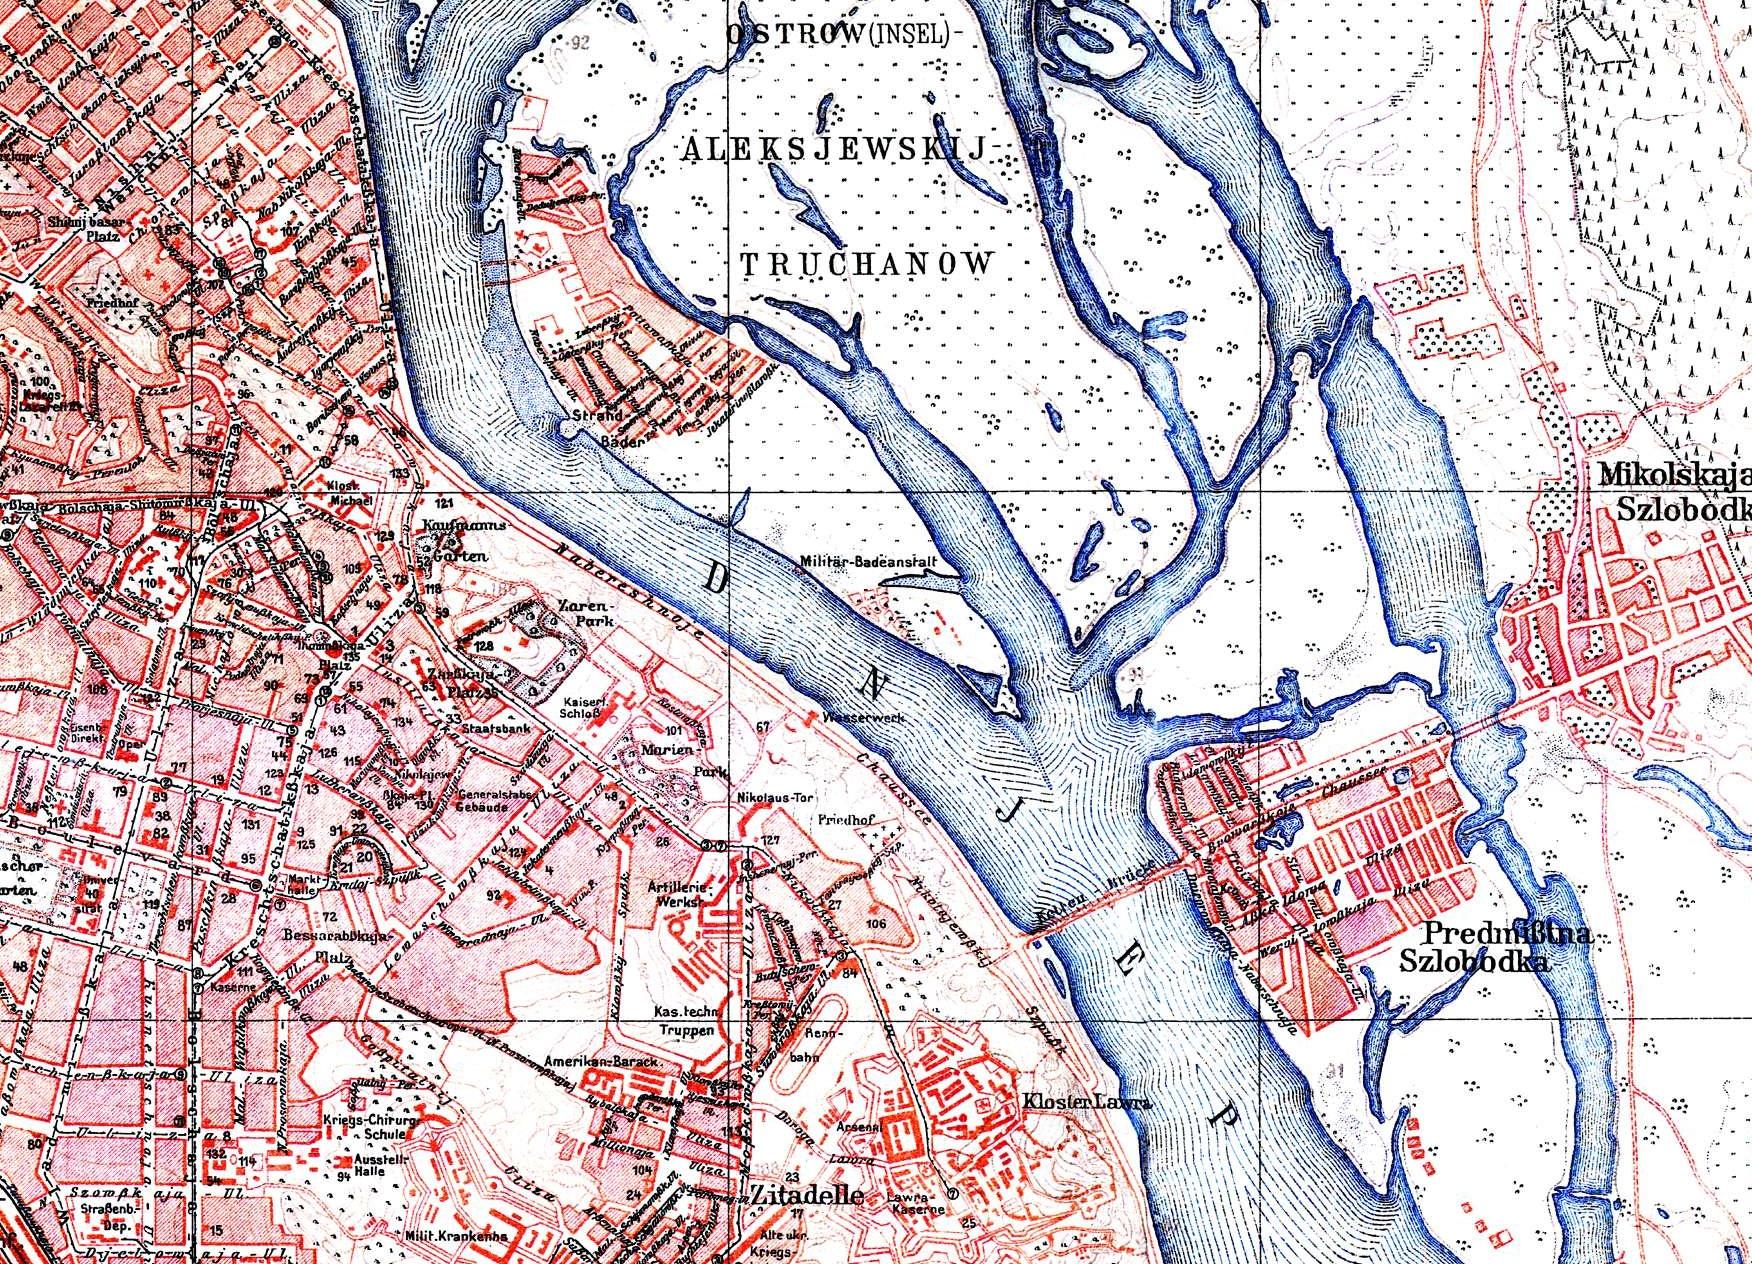 Поселки на островах на довоенных немецких картах: 1918 год…